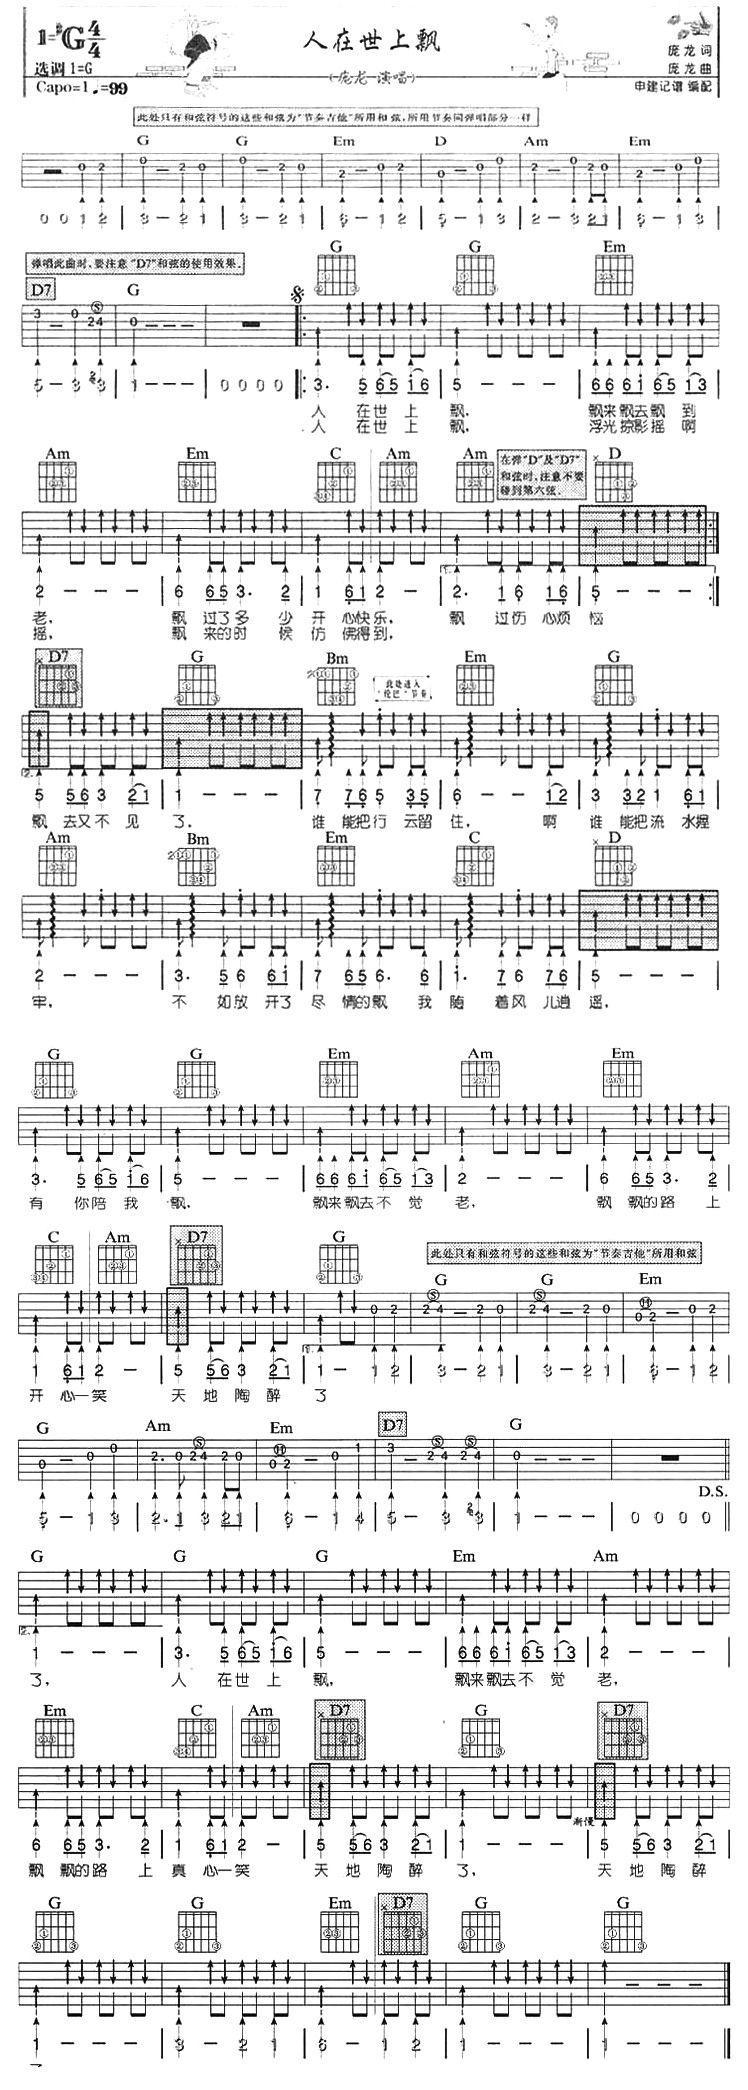 人在世上飘 庞龙 - 吉他谱(申健编配) - 嗨吉他